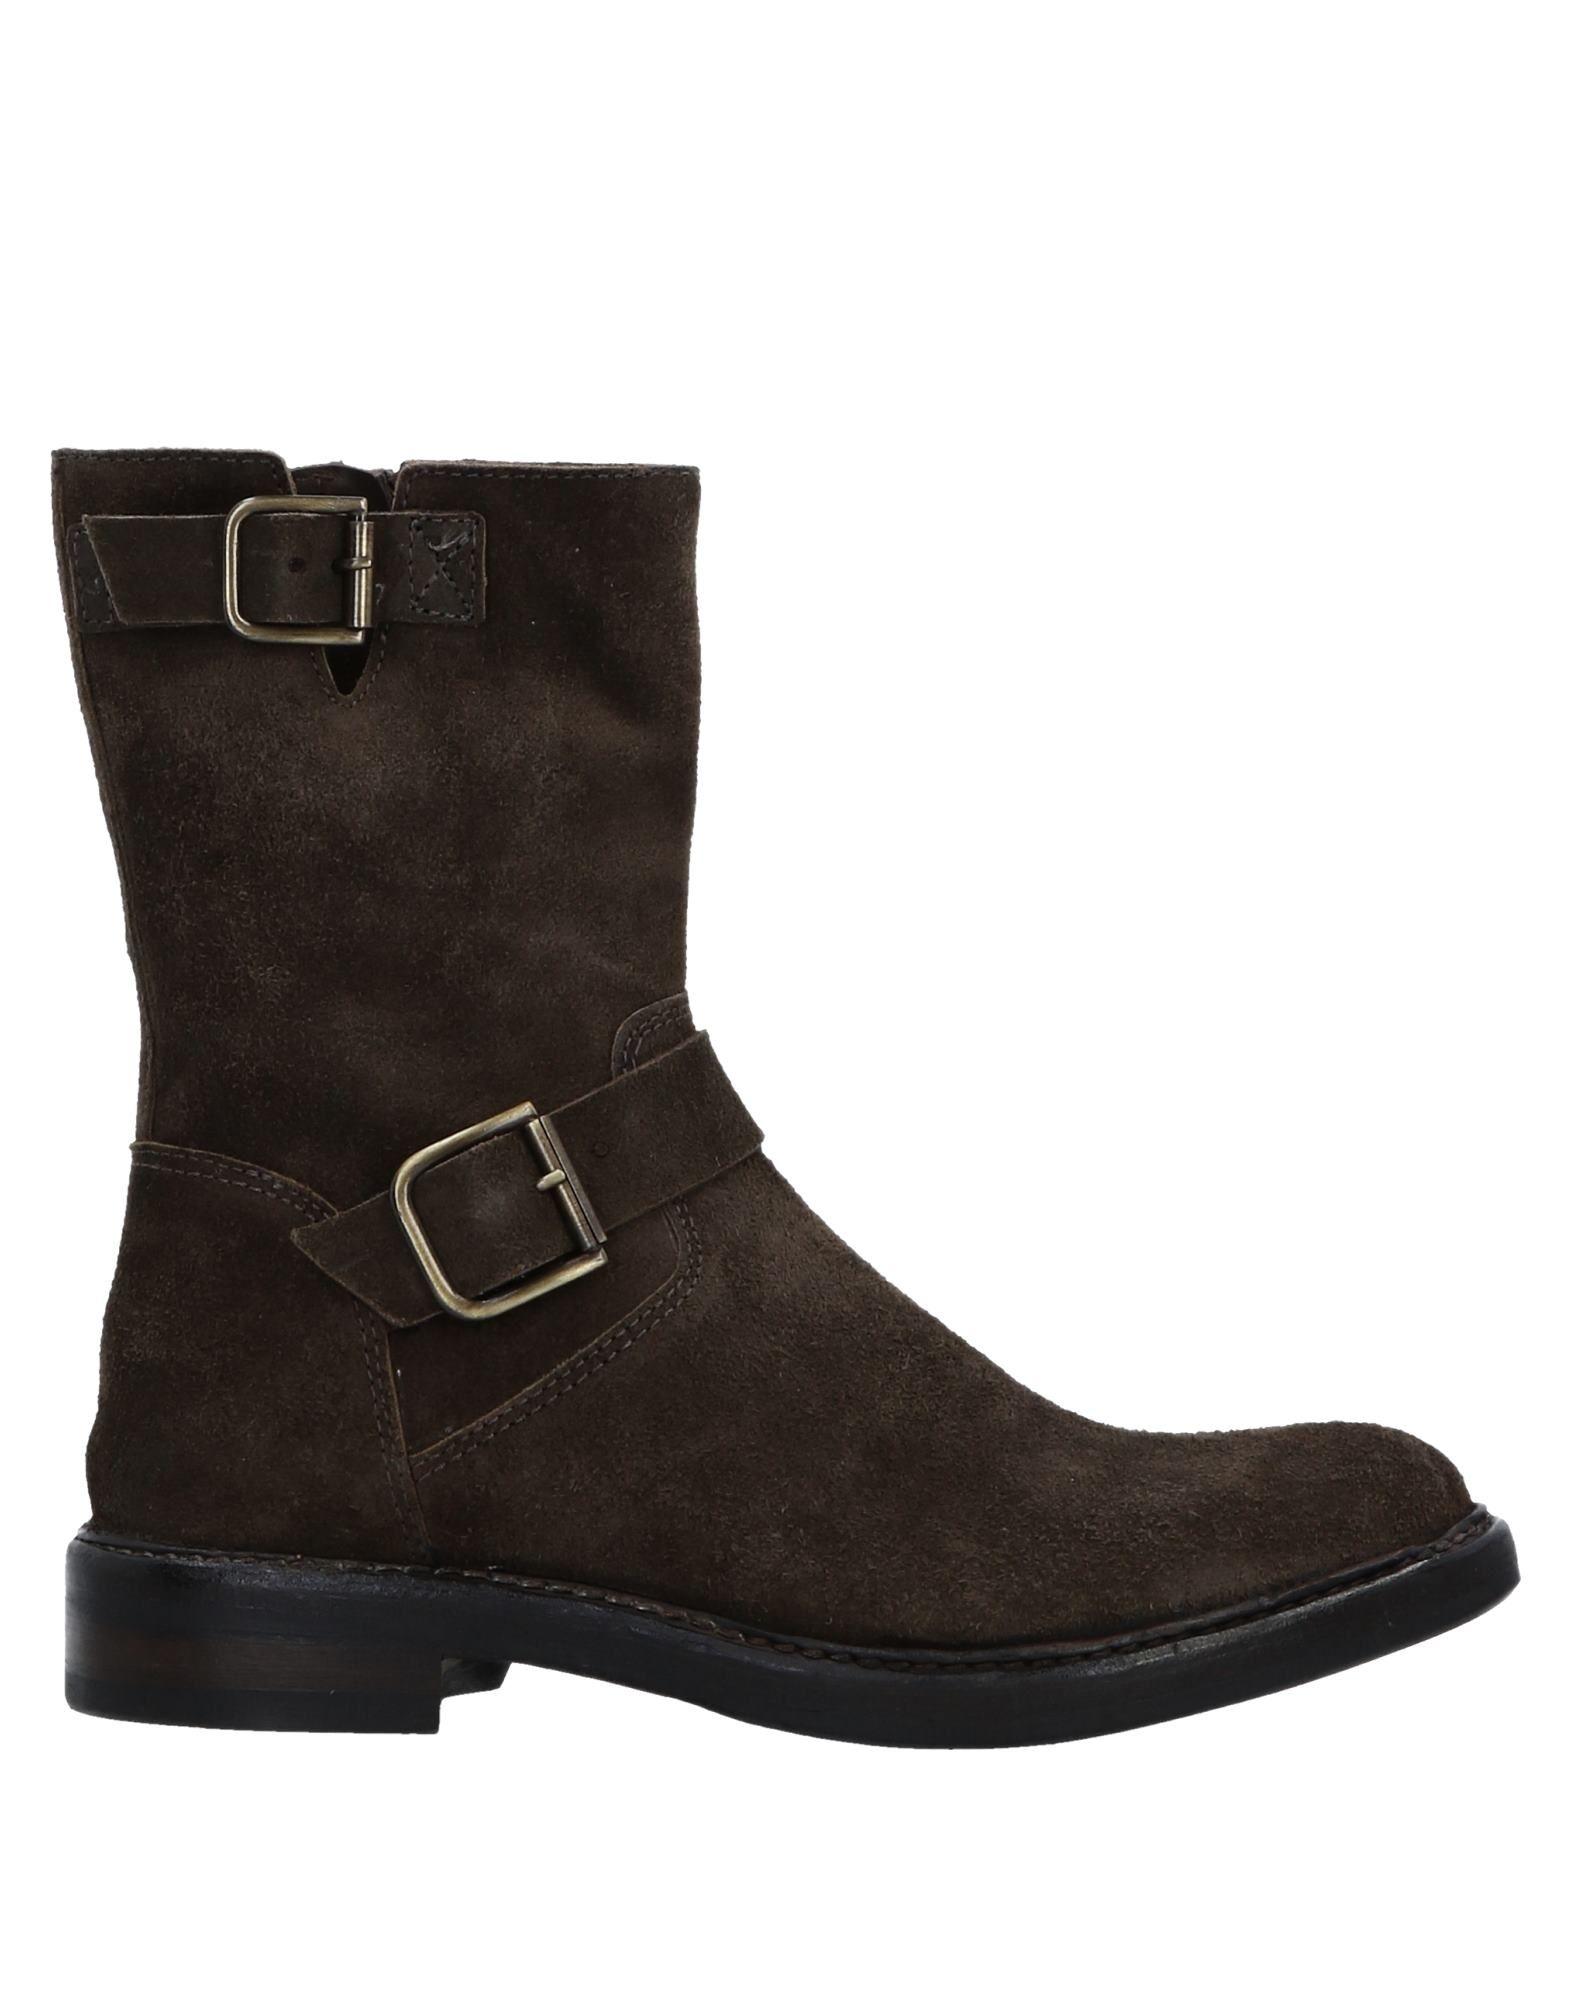 Bottine Hundred 100 Femme - Bottines Hundred 100 Kaki Nouvelles chaussures pour hommes et femmes, remise limitée dans le temps